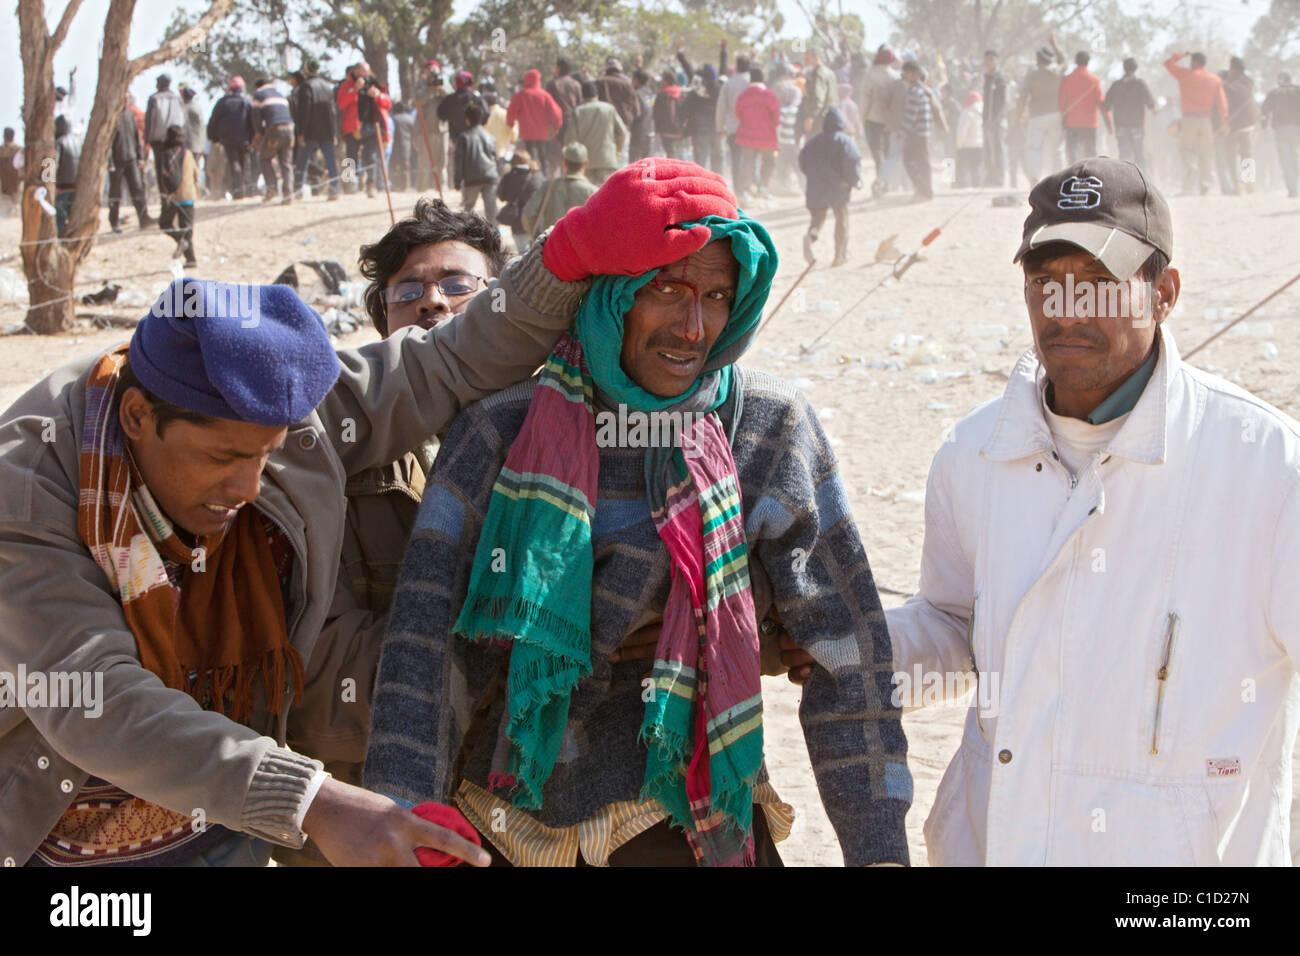 An injured Bangladeshi in the Shousha refugee camp, Ben Gardane, Tunisia - Stock Image